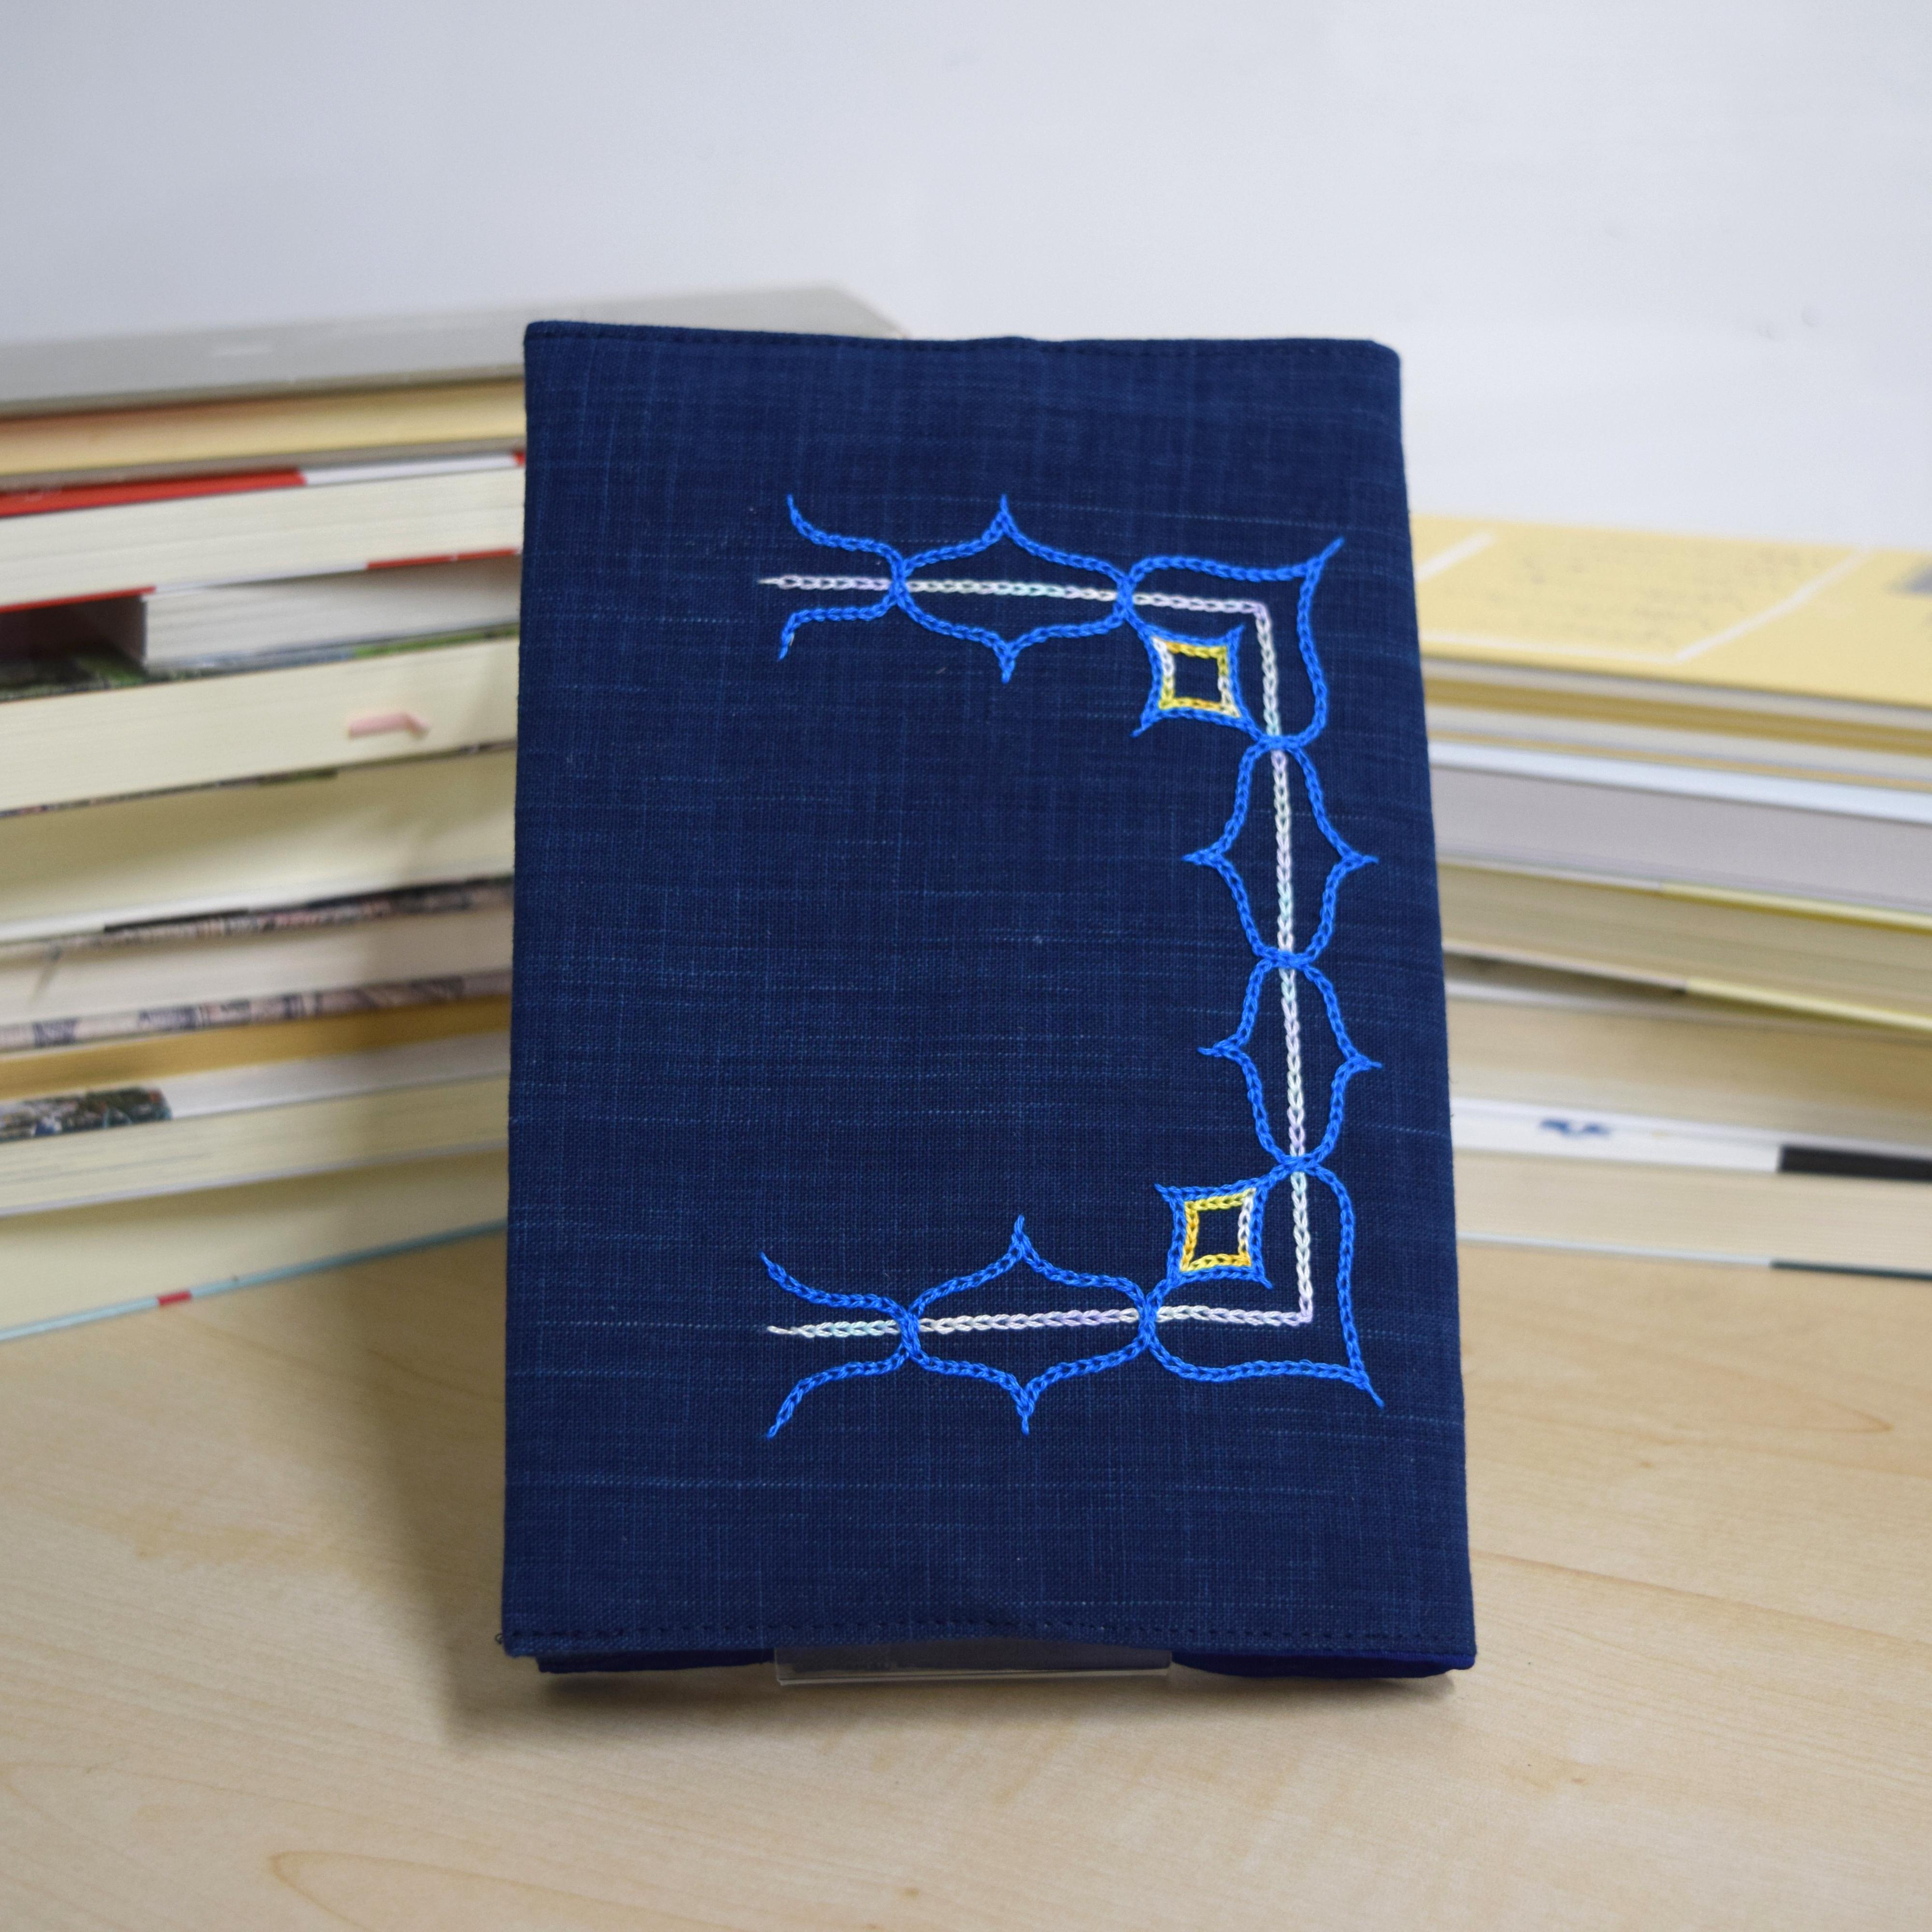 ブックカバー(新書サイズ)  book cover(173mm×110mm) 【さっぽろアイヌクラフト】